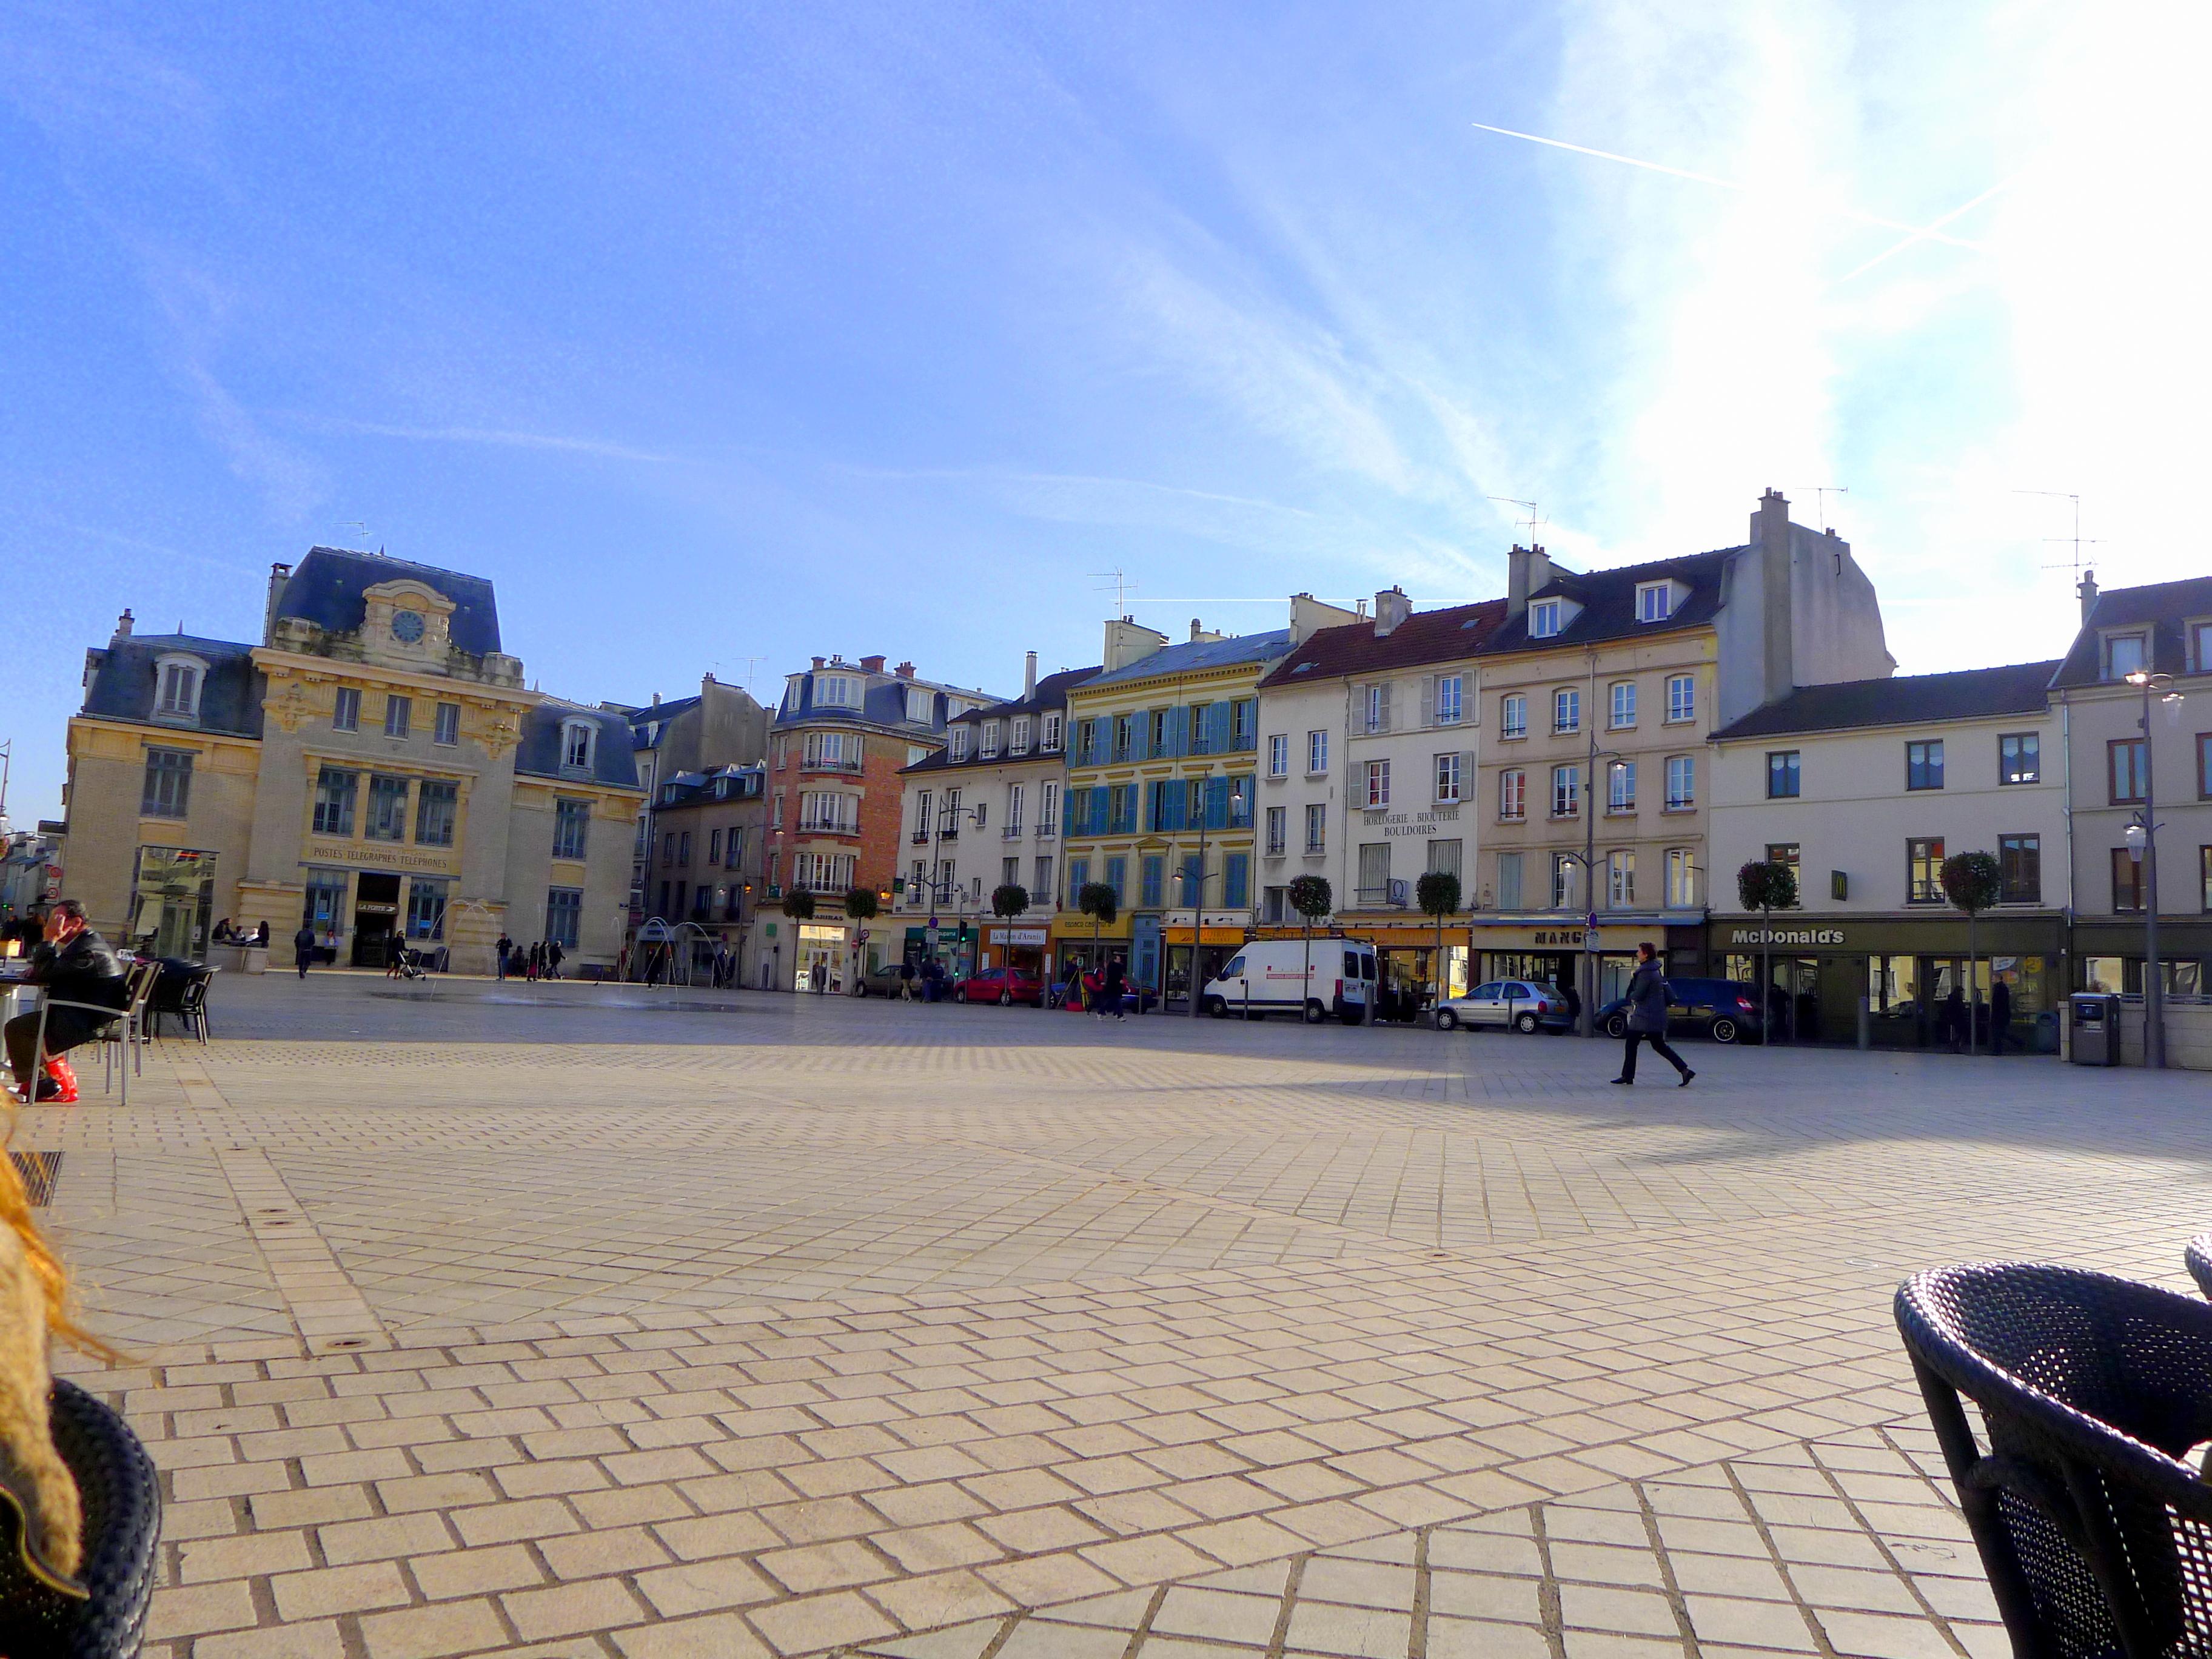 St-Germain-en-Laye